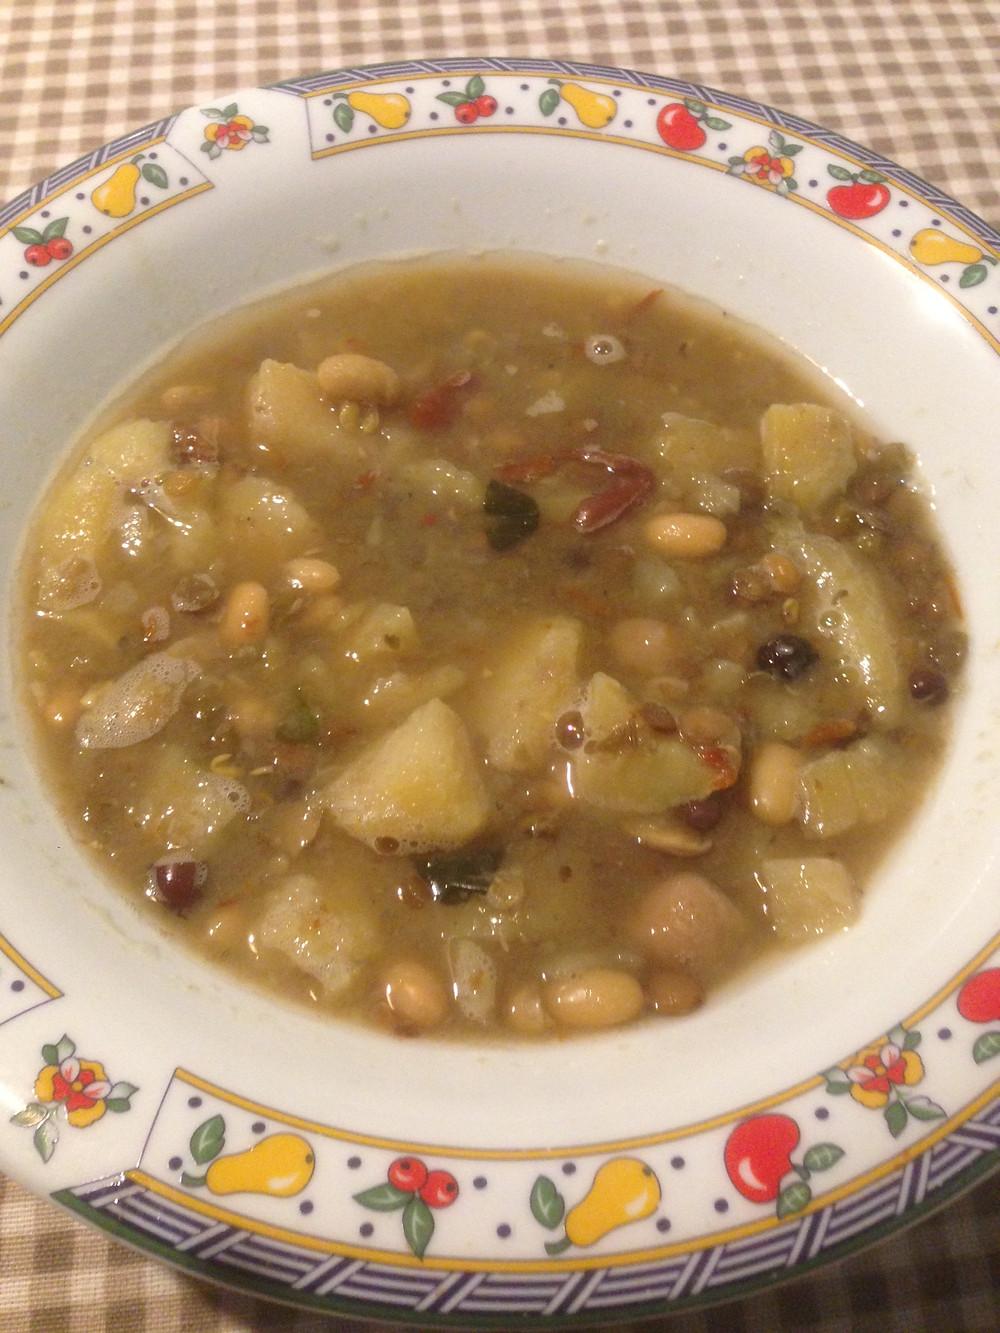 Suppe Eintopf vegan pflanzlich DIY Resteverwertung nahrhaft warm Kochen